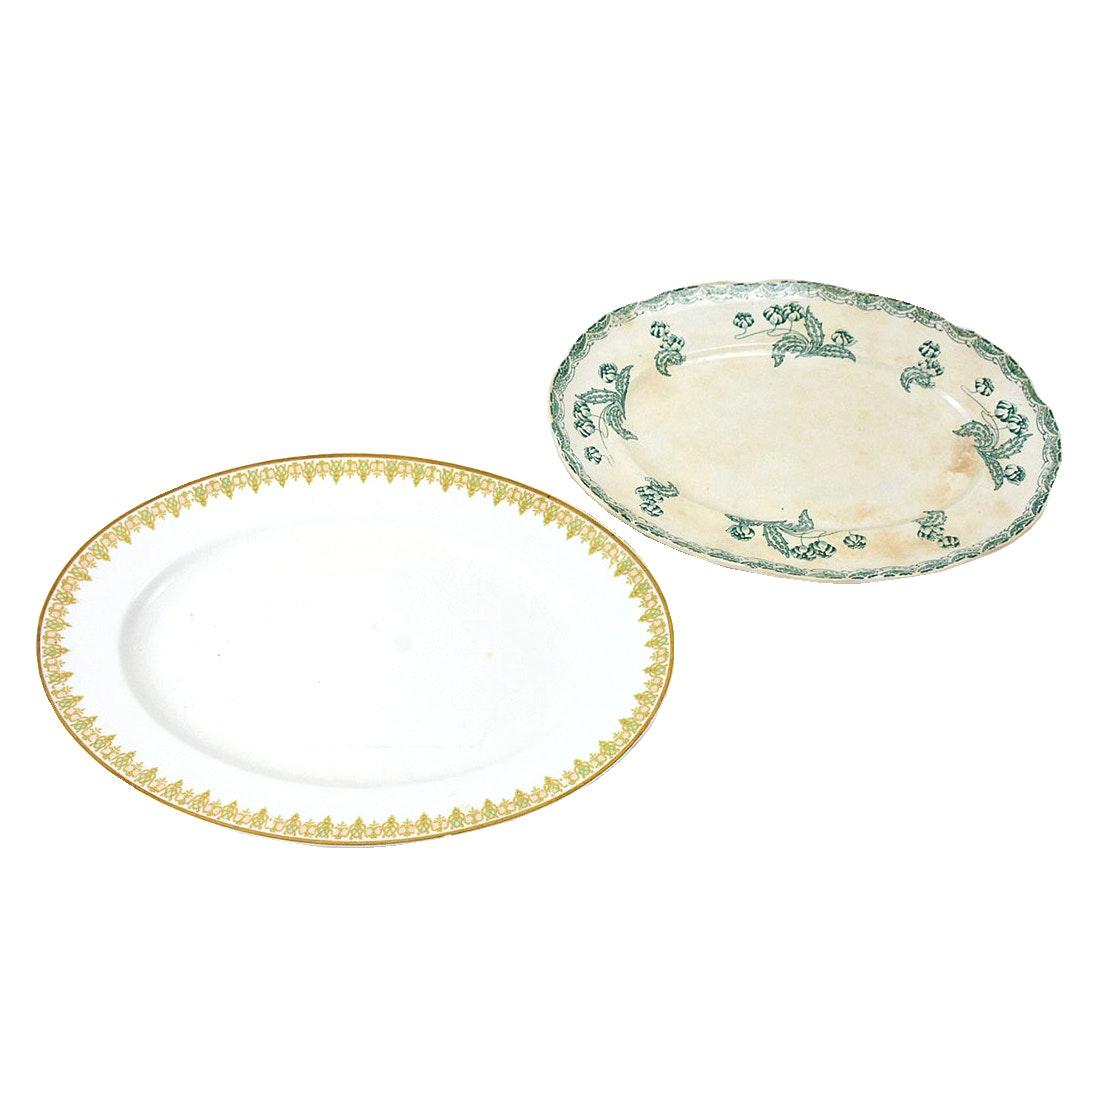 Vintage China Platters Including Limoges France